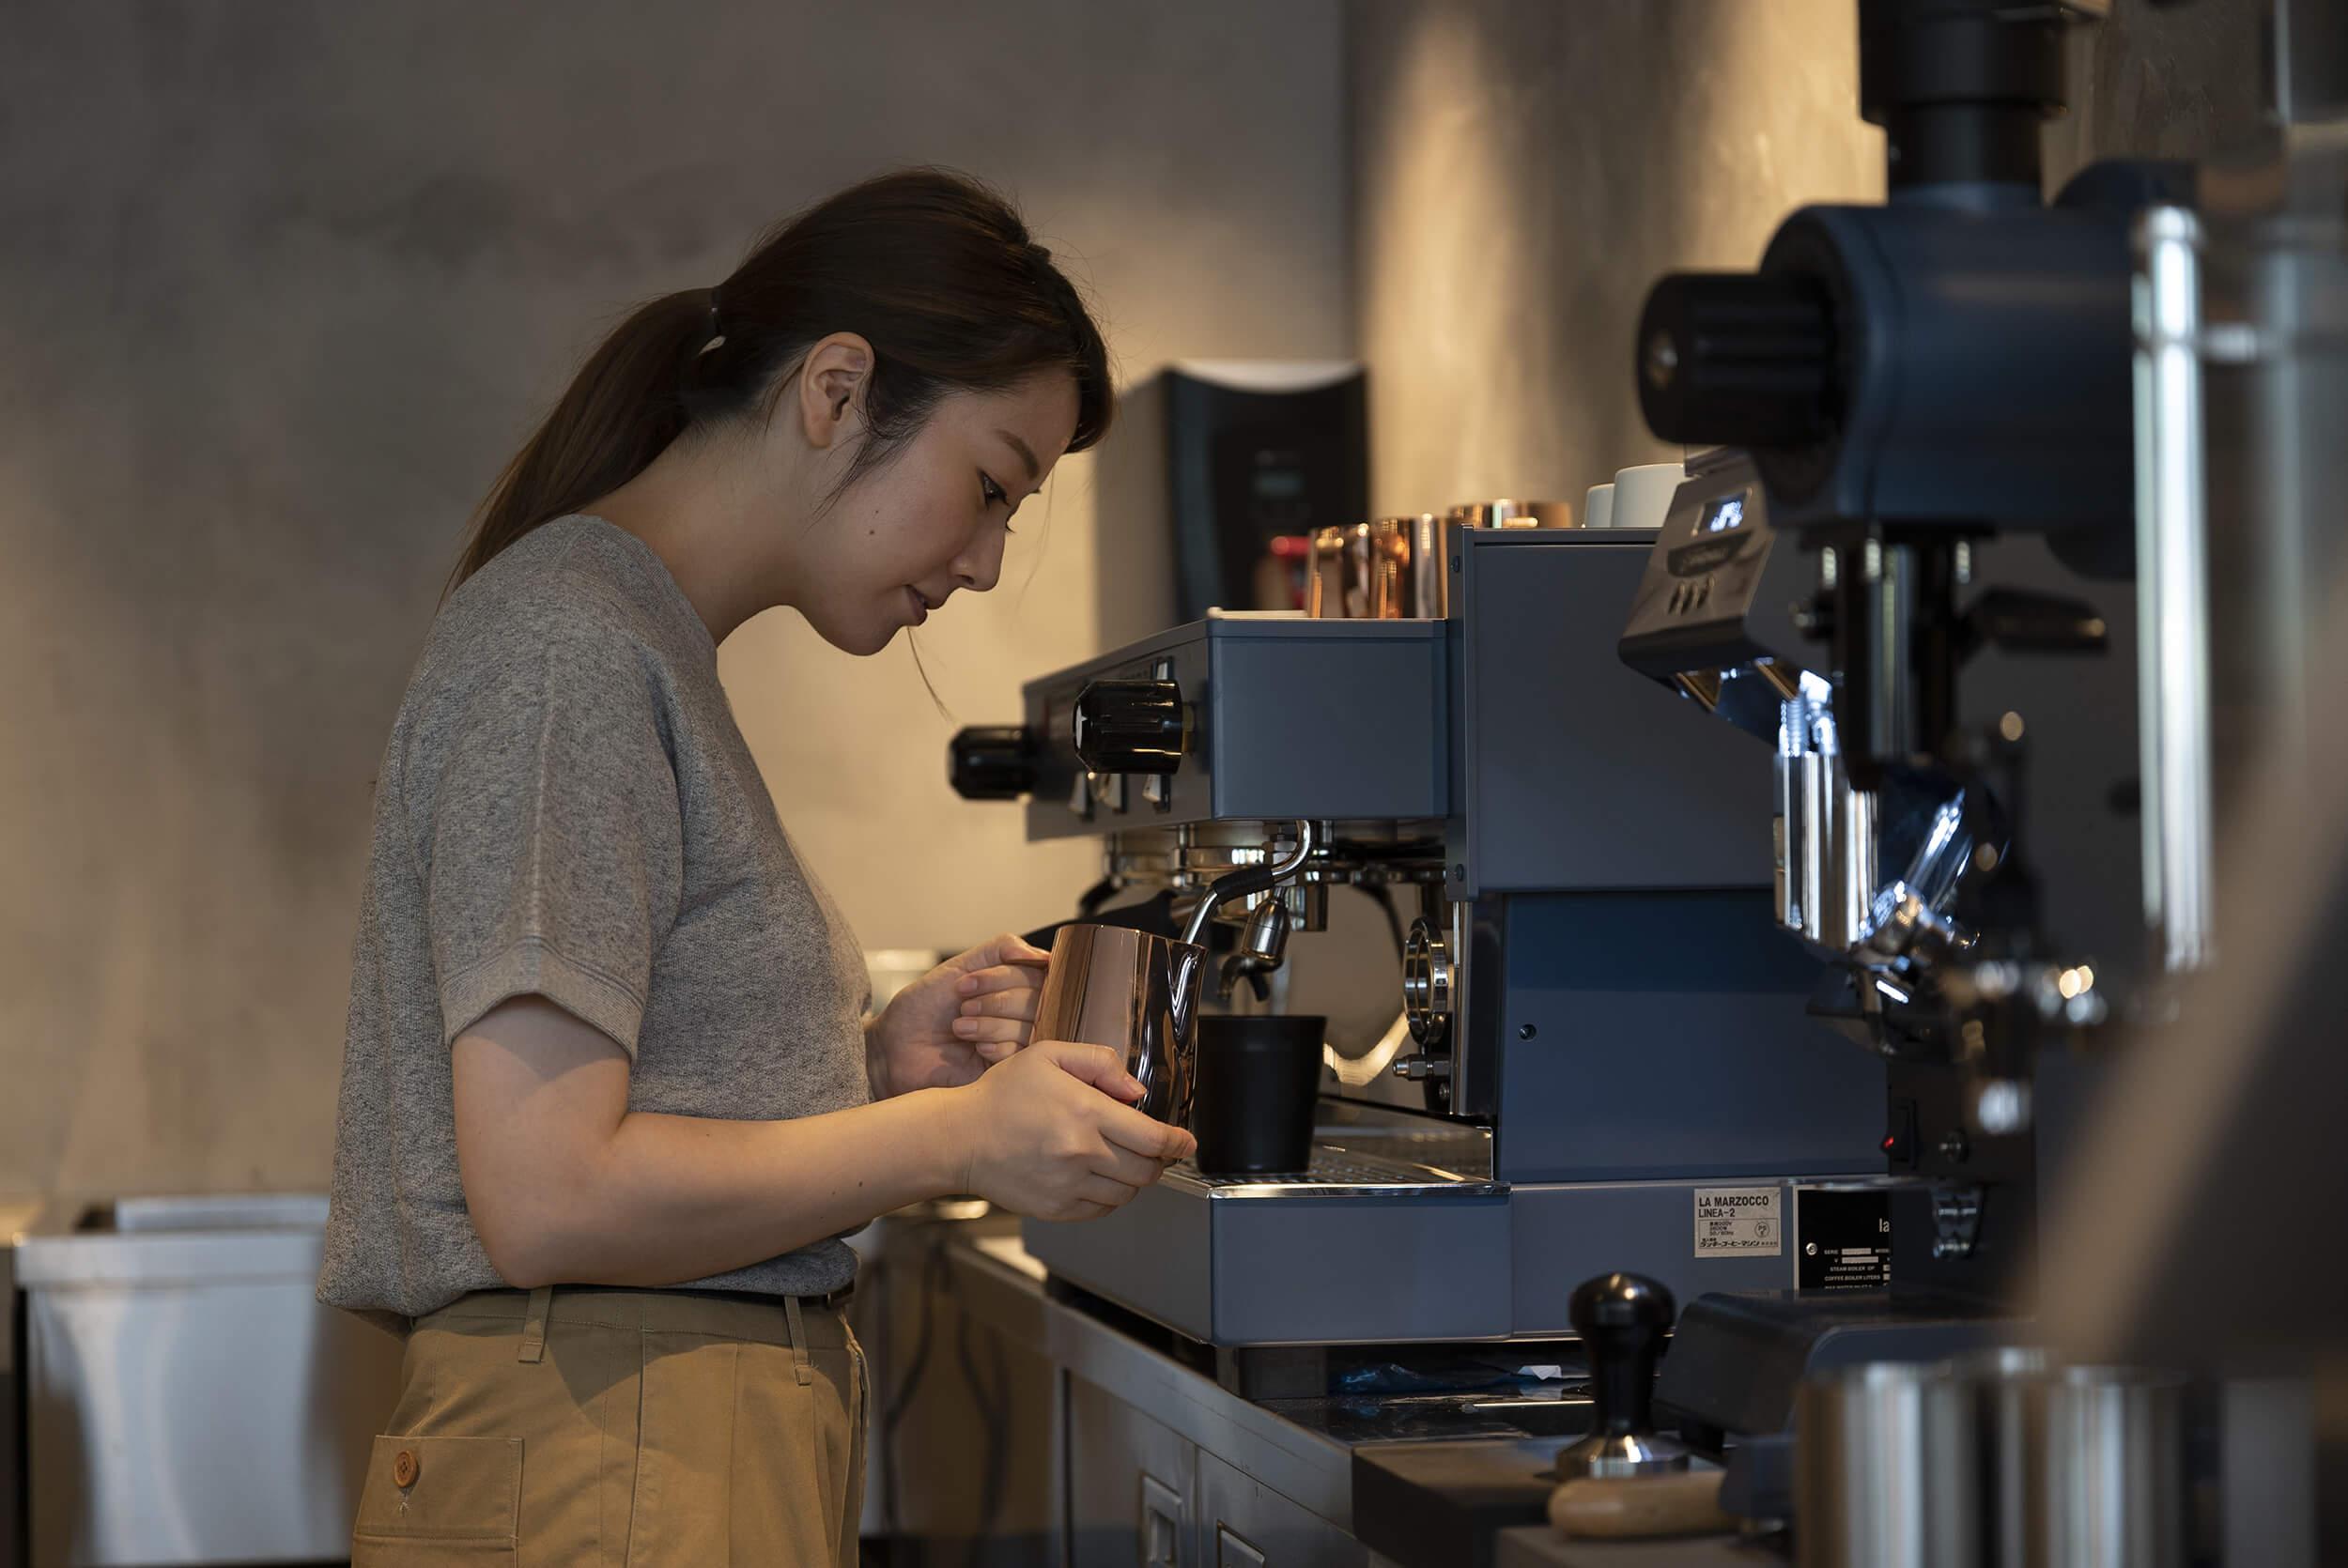 beasty-coffee-cafe-laboratory-%ef%bc%88%e3%83%92%e3%82%99%e3%83%bc%e3%82%b9%e3%83%86%e3%82%a3%e3%83%bc%e3%82%b3%e3%83%bc%e3%83%92%e3%83%bc-%e3%82%ab%e3%83%95%e3%82%a7%e3%83%a9%e3%83%9b%e3%82%99-8